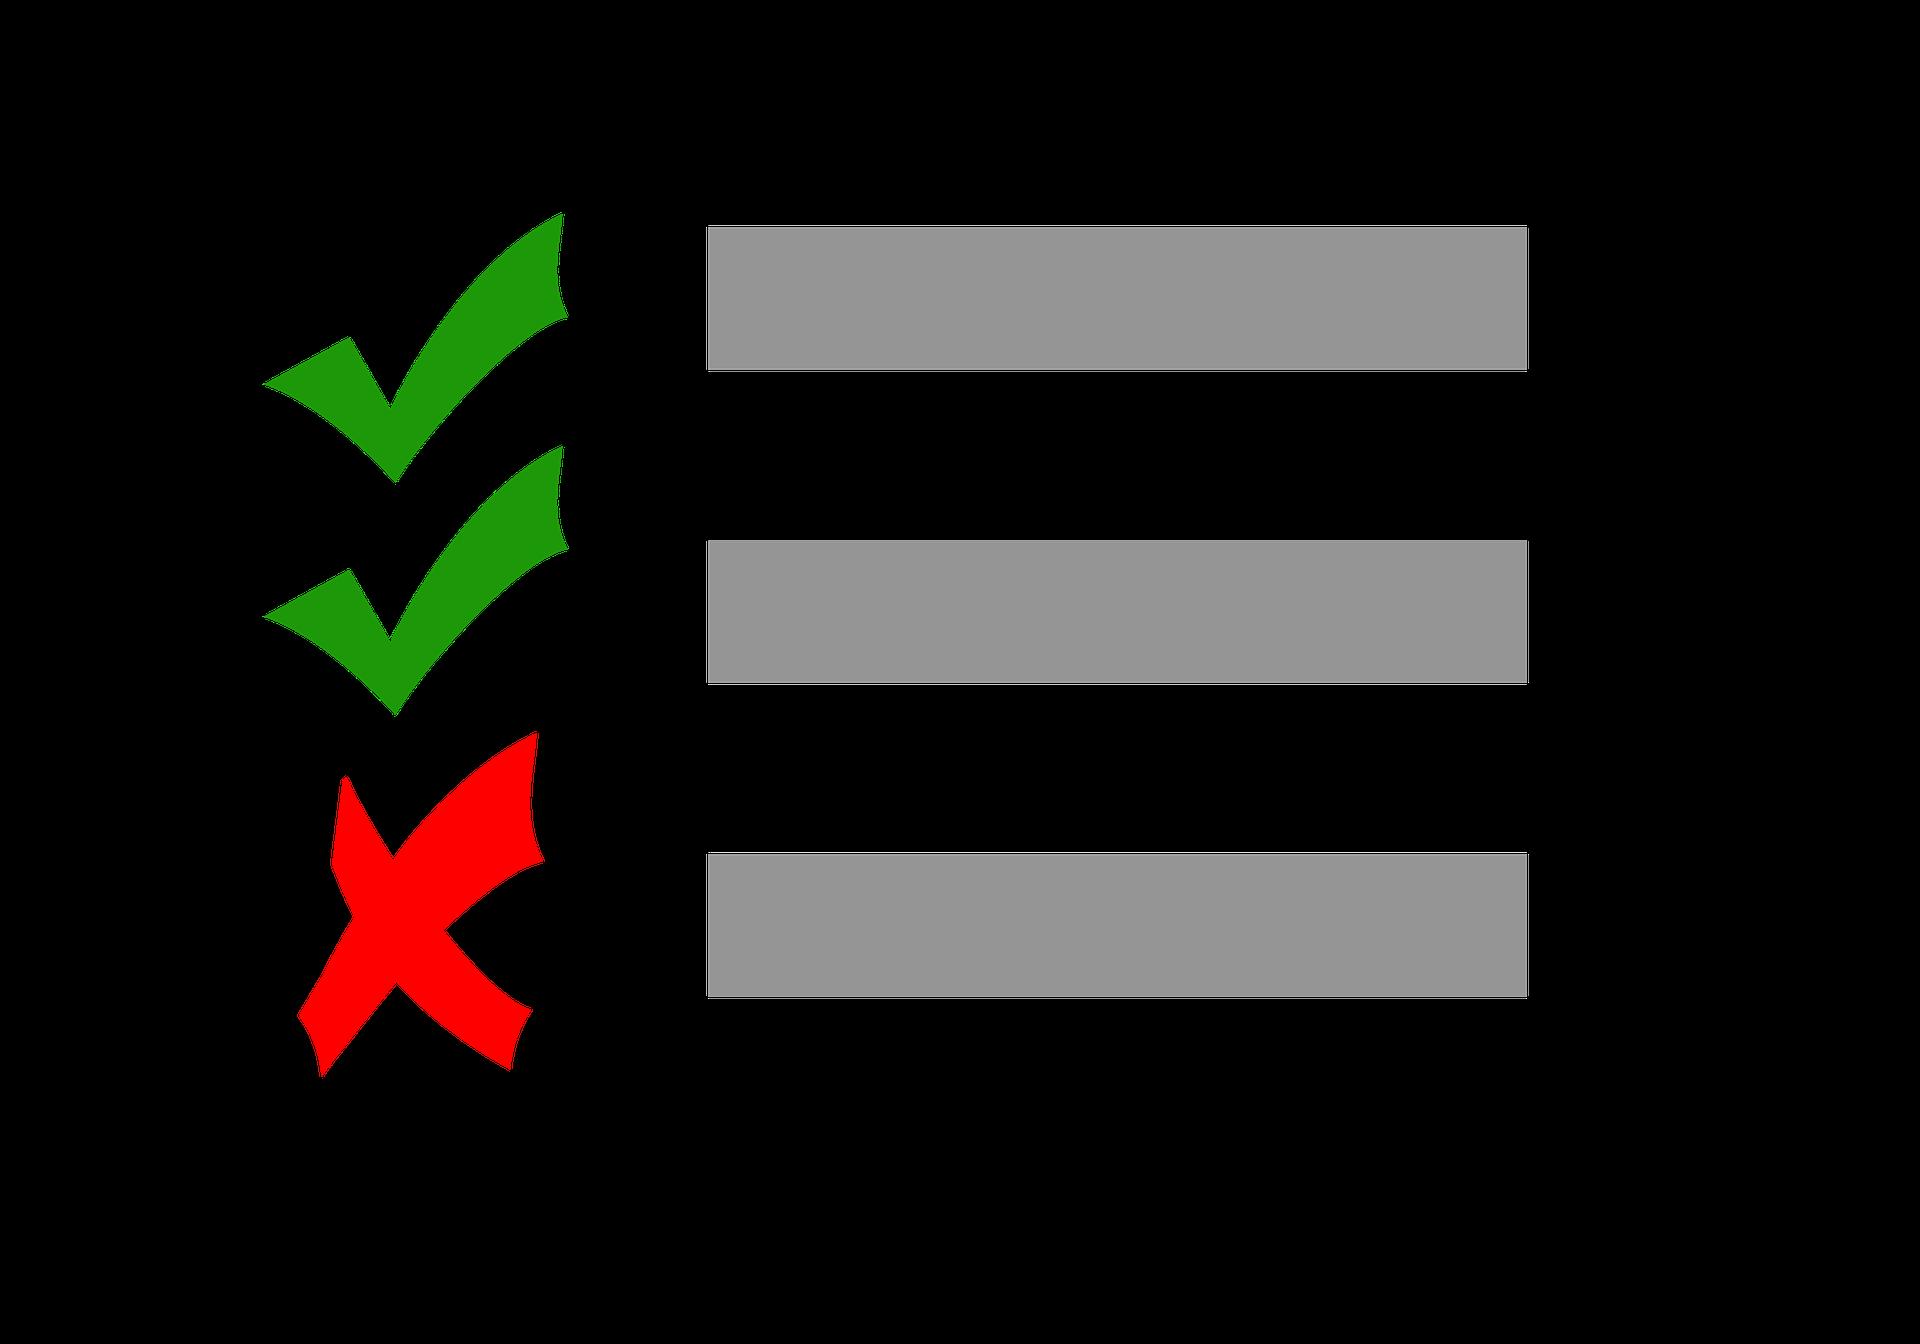 checklisten-im-verkauf-fragetechniken-verkaufsseminar-ulrike-knauer-muenchen-innsbruck-bozen-bedarf-kunden-verkaufstechniken-strategie-vertrieb-analyse